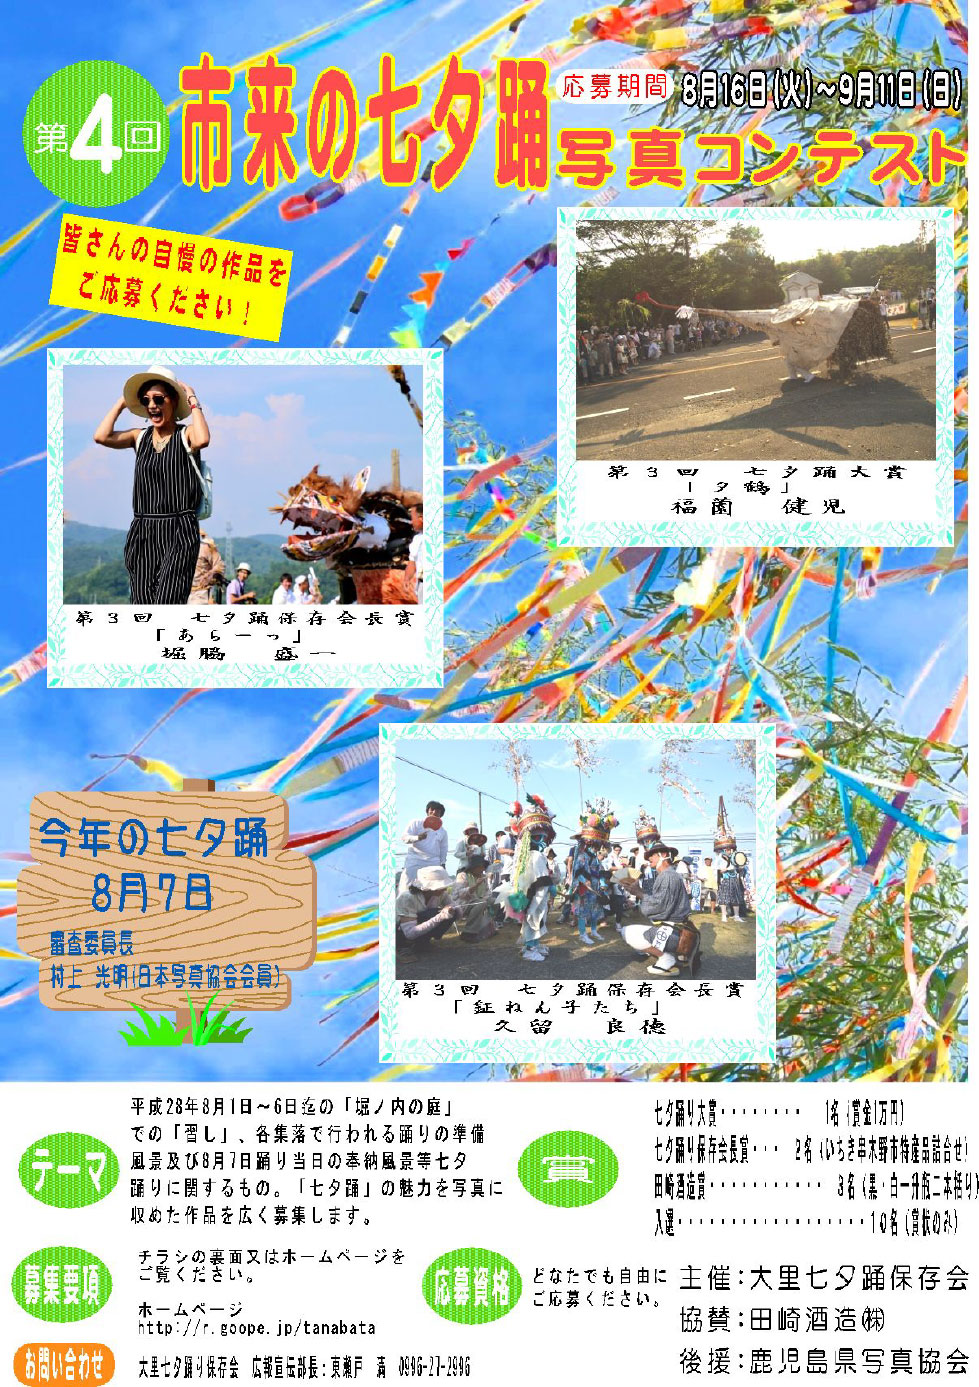 七夕踊り写真コンテストのお知らせ